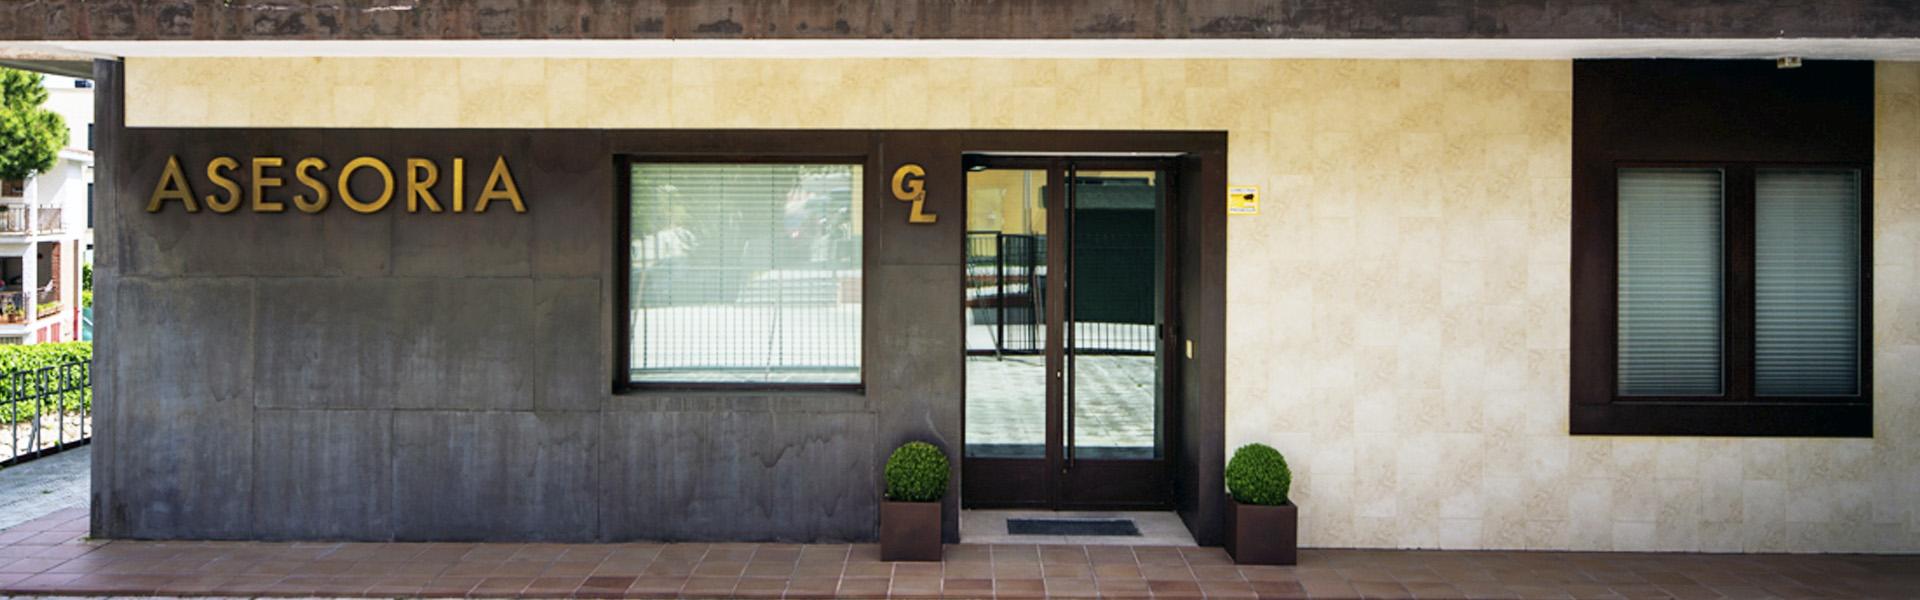 Oficinas G & L Asesoría